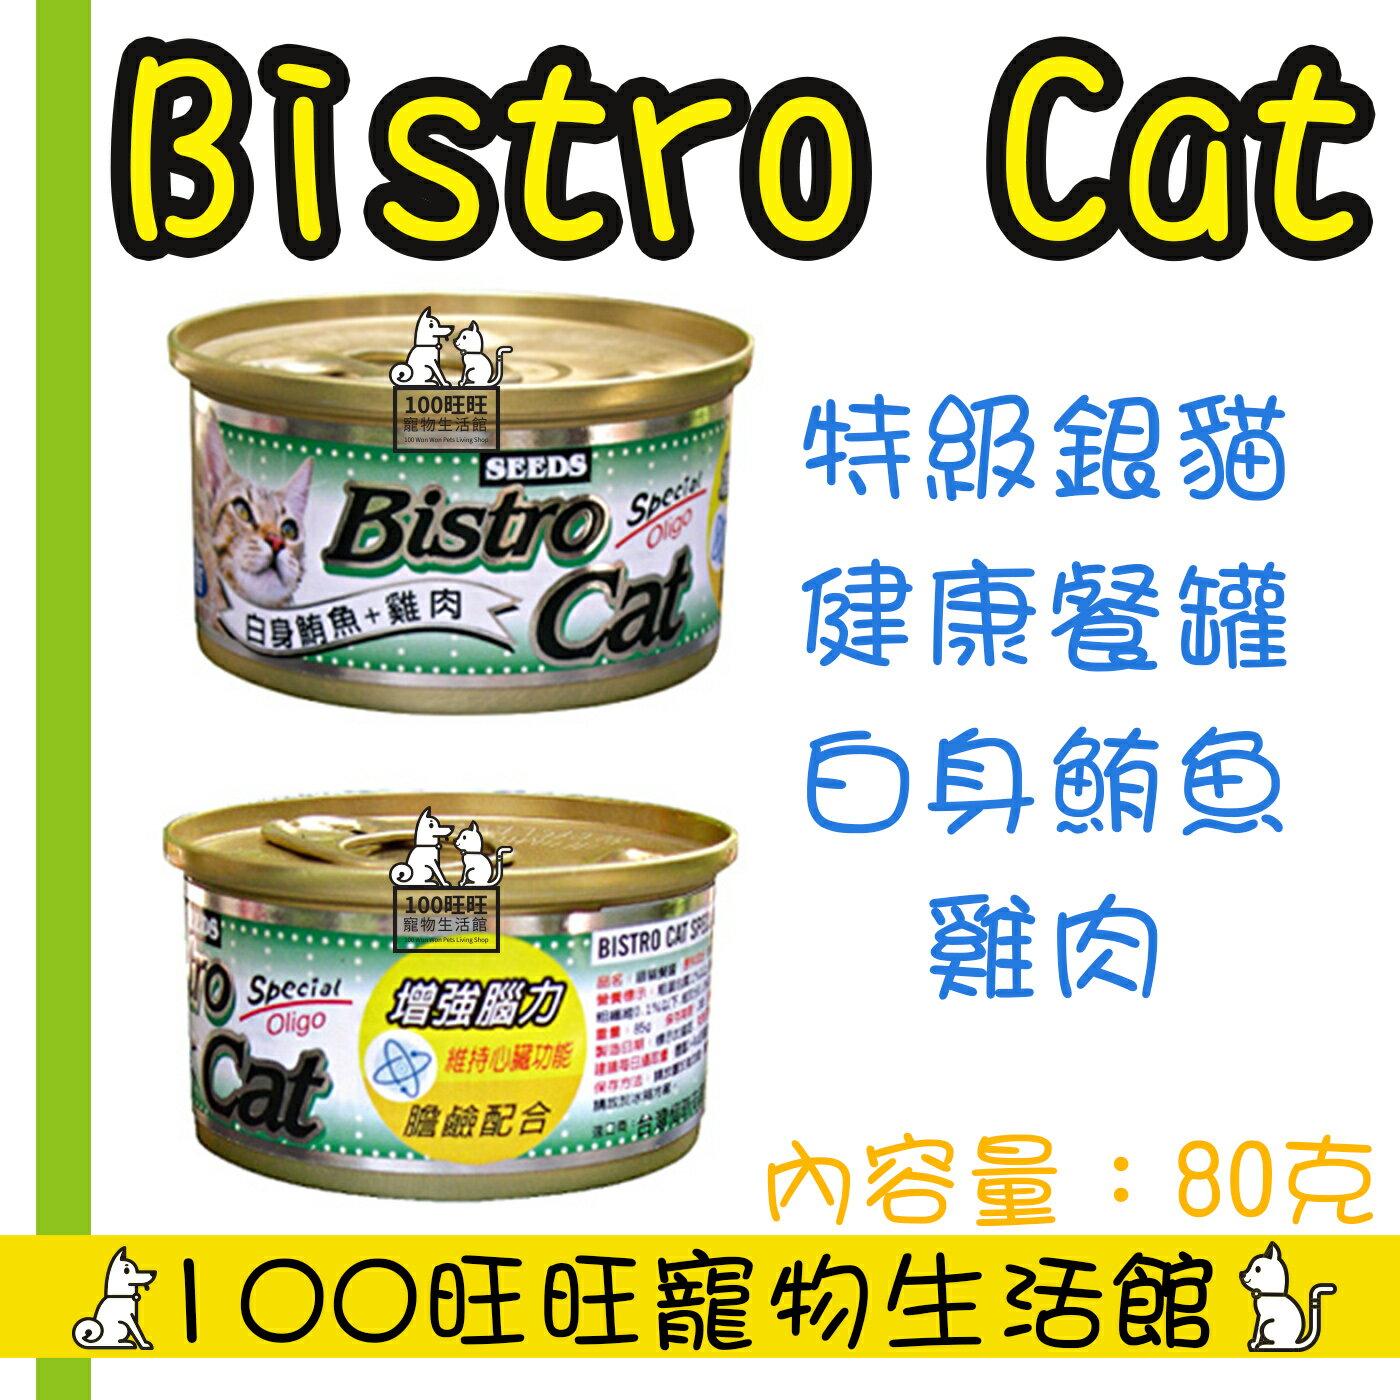 SEEDS 惜時 聖萊西 Bistro cat 特級銀貓健康餐罐 銀罐 小銀 80g X24罐